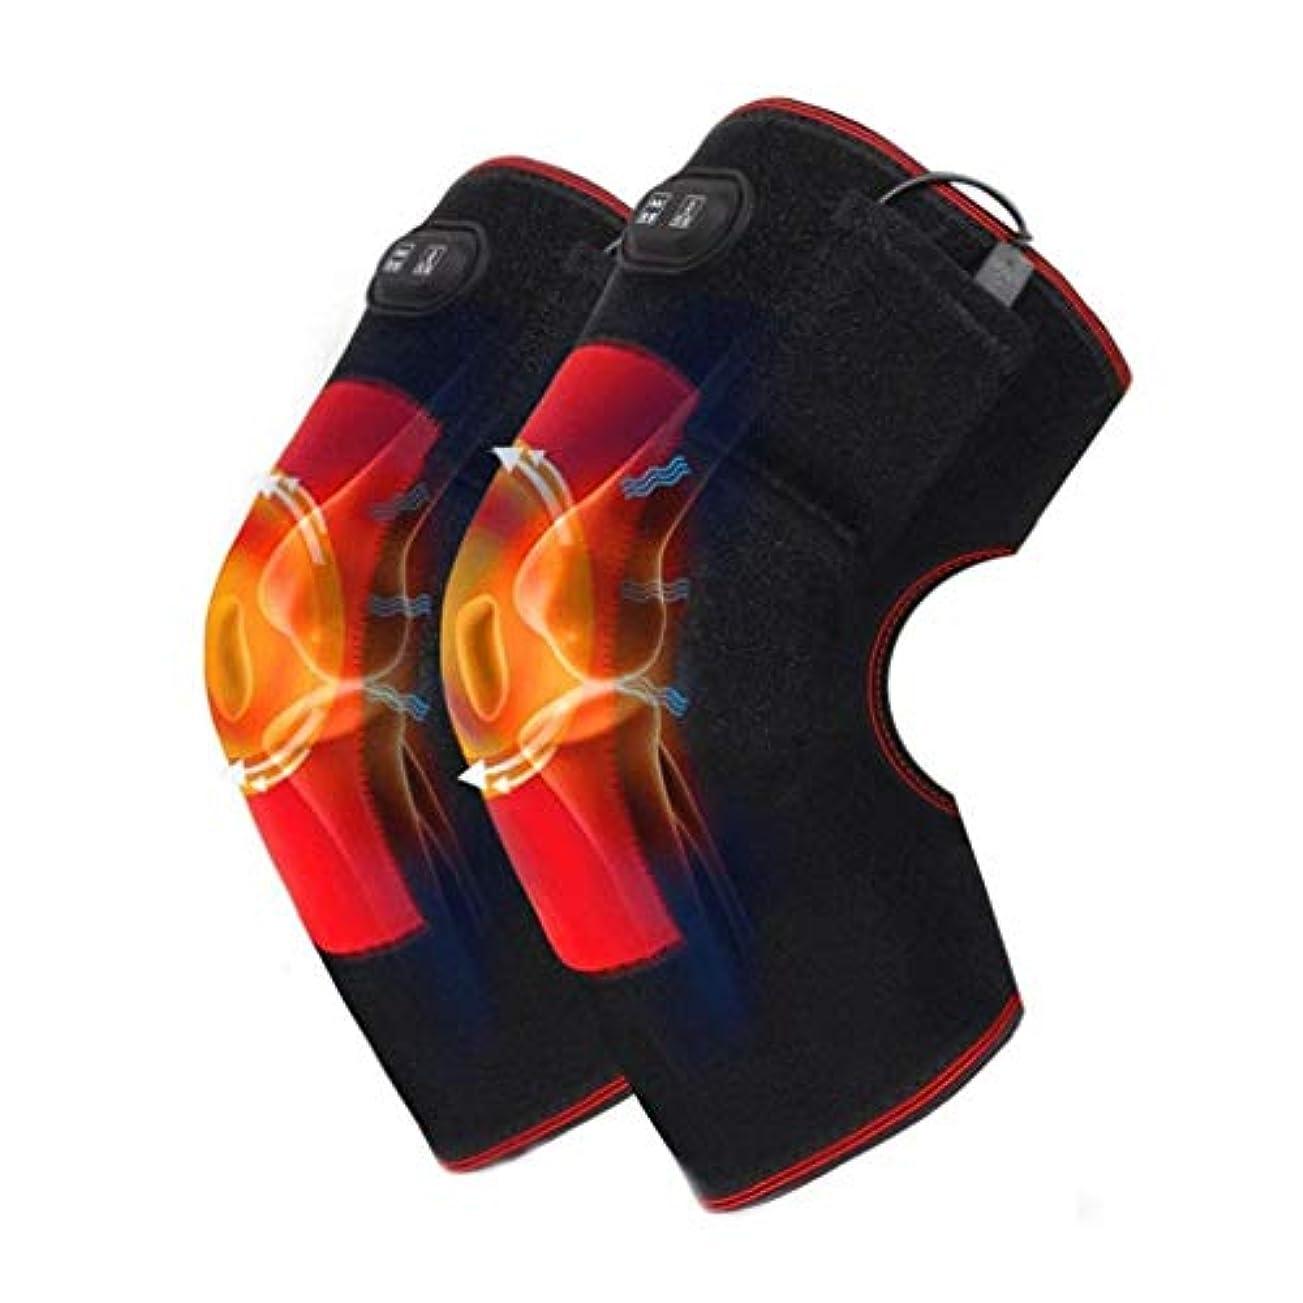 アラスカローマ人ぬれた膝圧迫スリーブ、膝巻き式温熱パッド、関節炎、慢性関節痛、腱炎、膝脱臼、涙靭帯を効果的に緩和できる